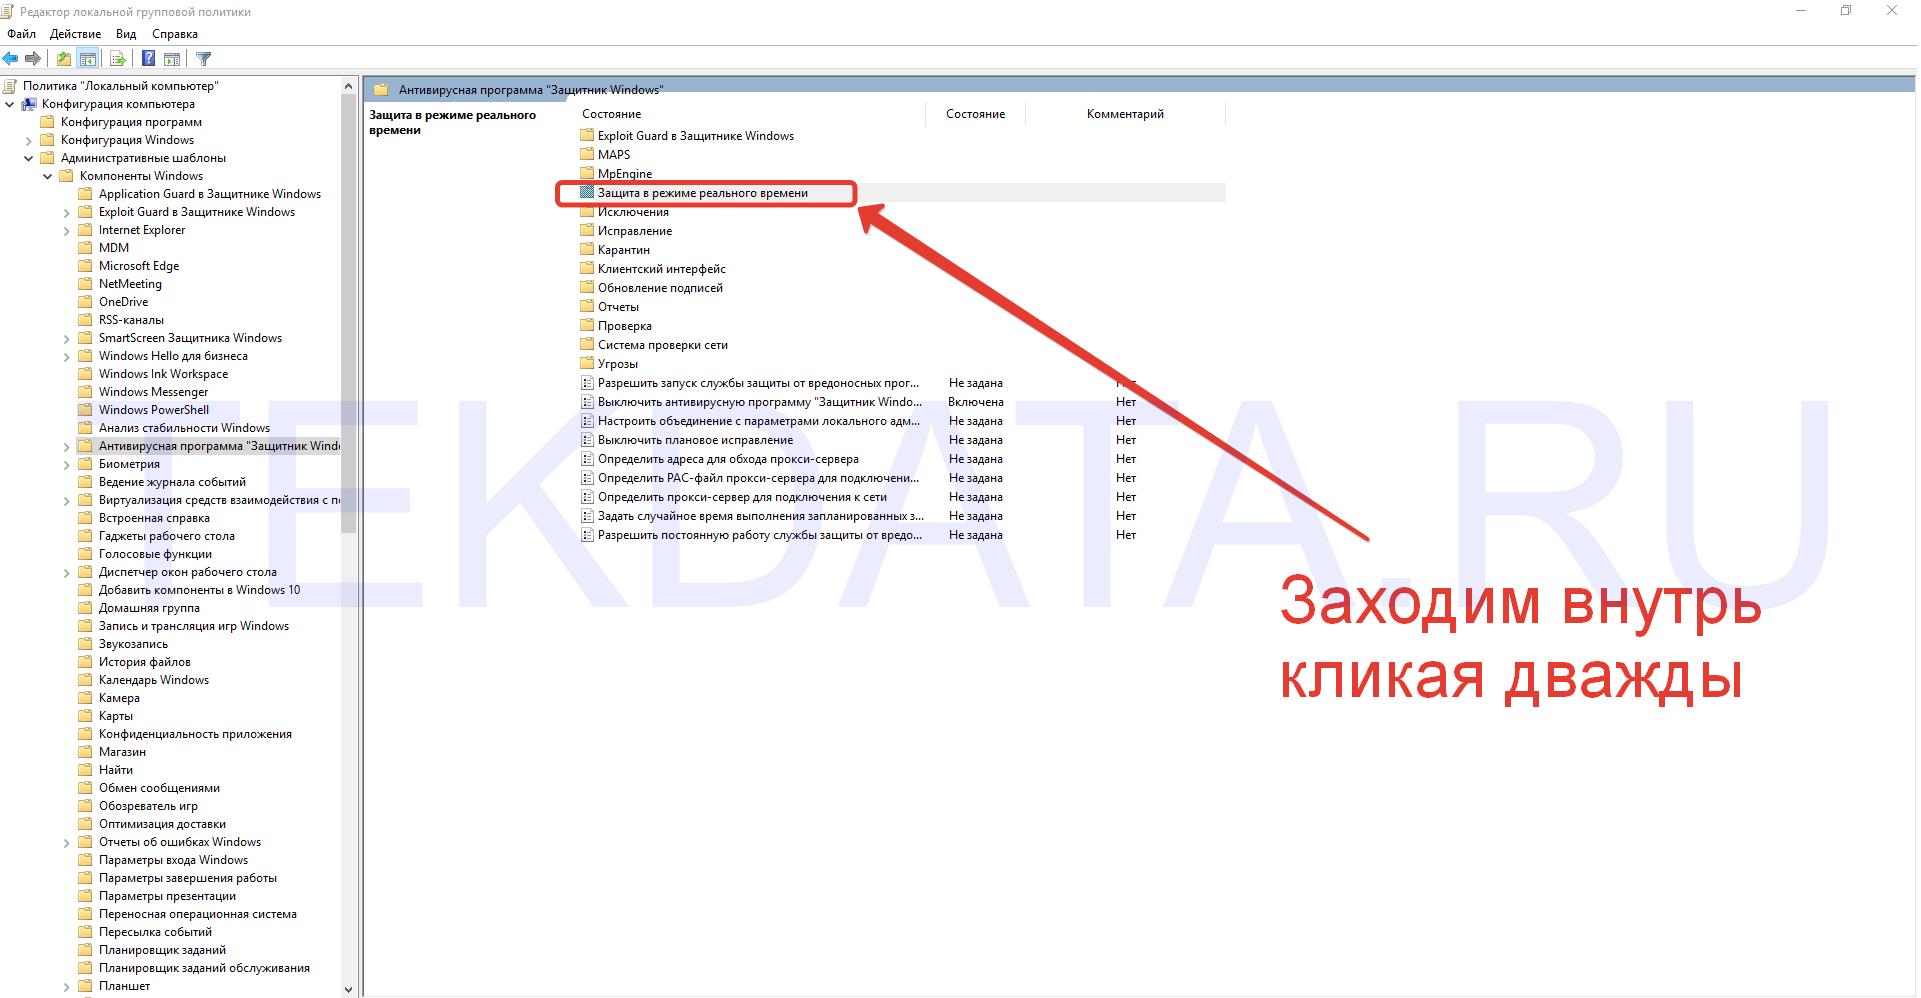 Как отключить Защитник Windows 10 | tekdata.ru